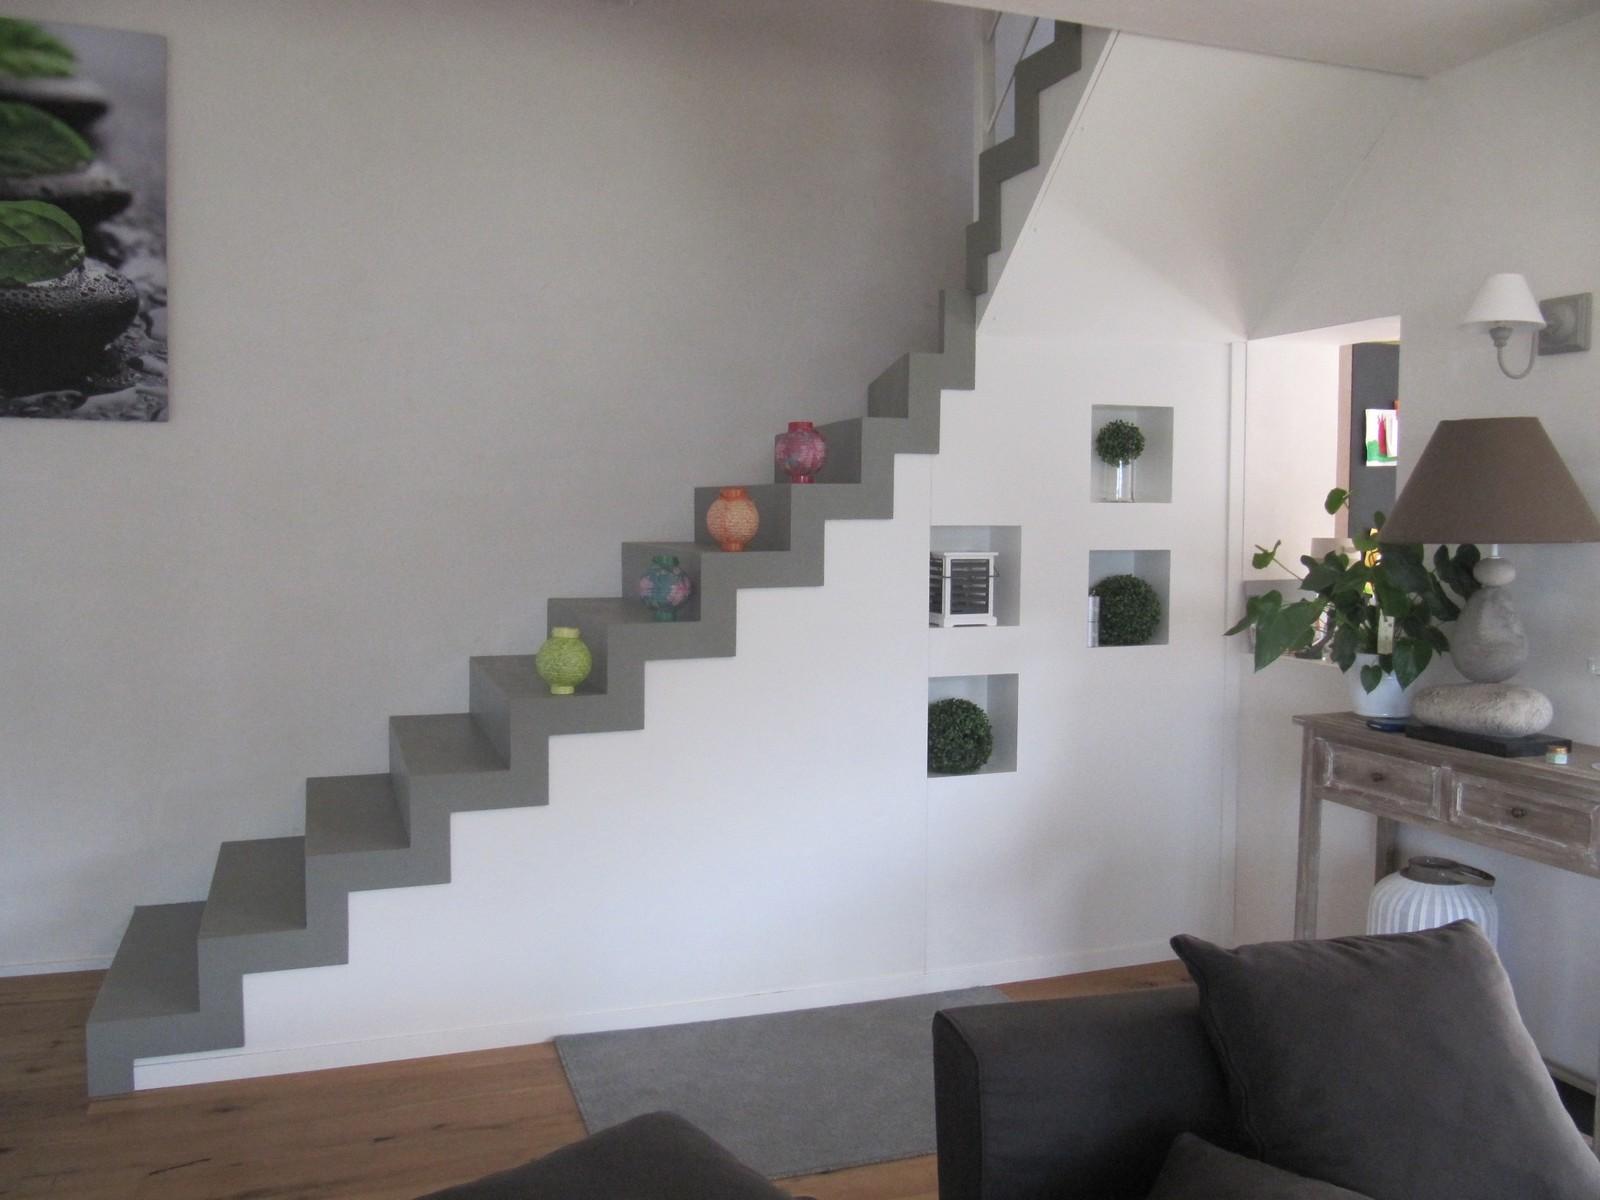 Escalier Interieur Beton Design accueil - atelier glotin à pontchateau fabrication d